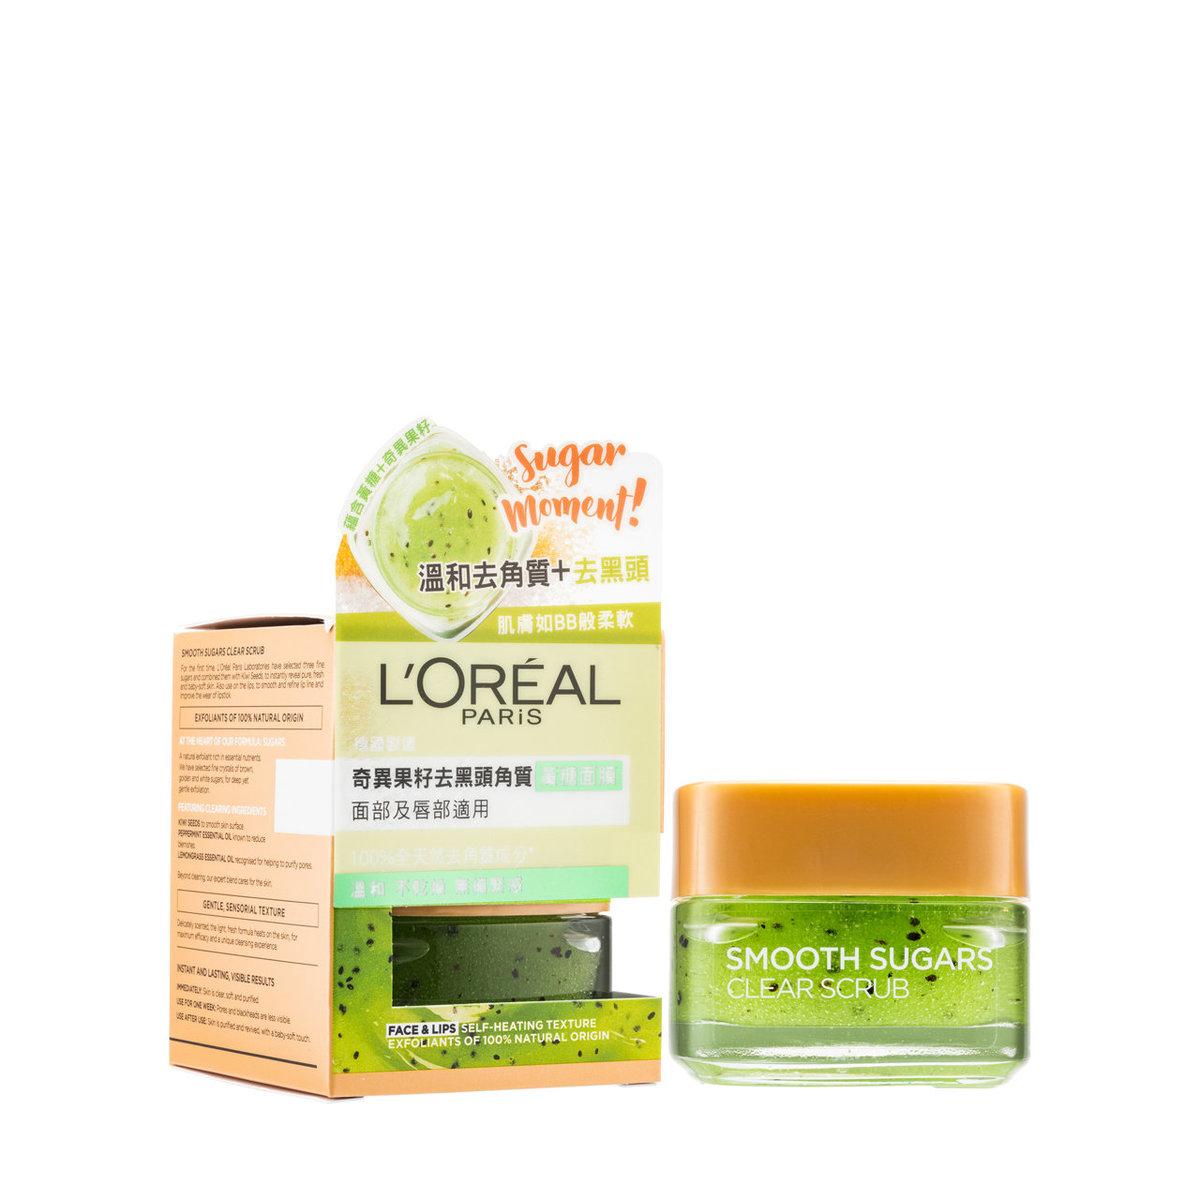 Smooth Sugar Clear Scrub (Kiwi)